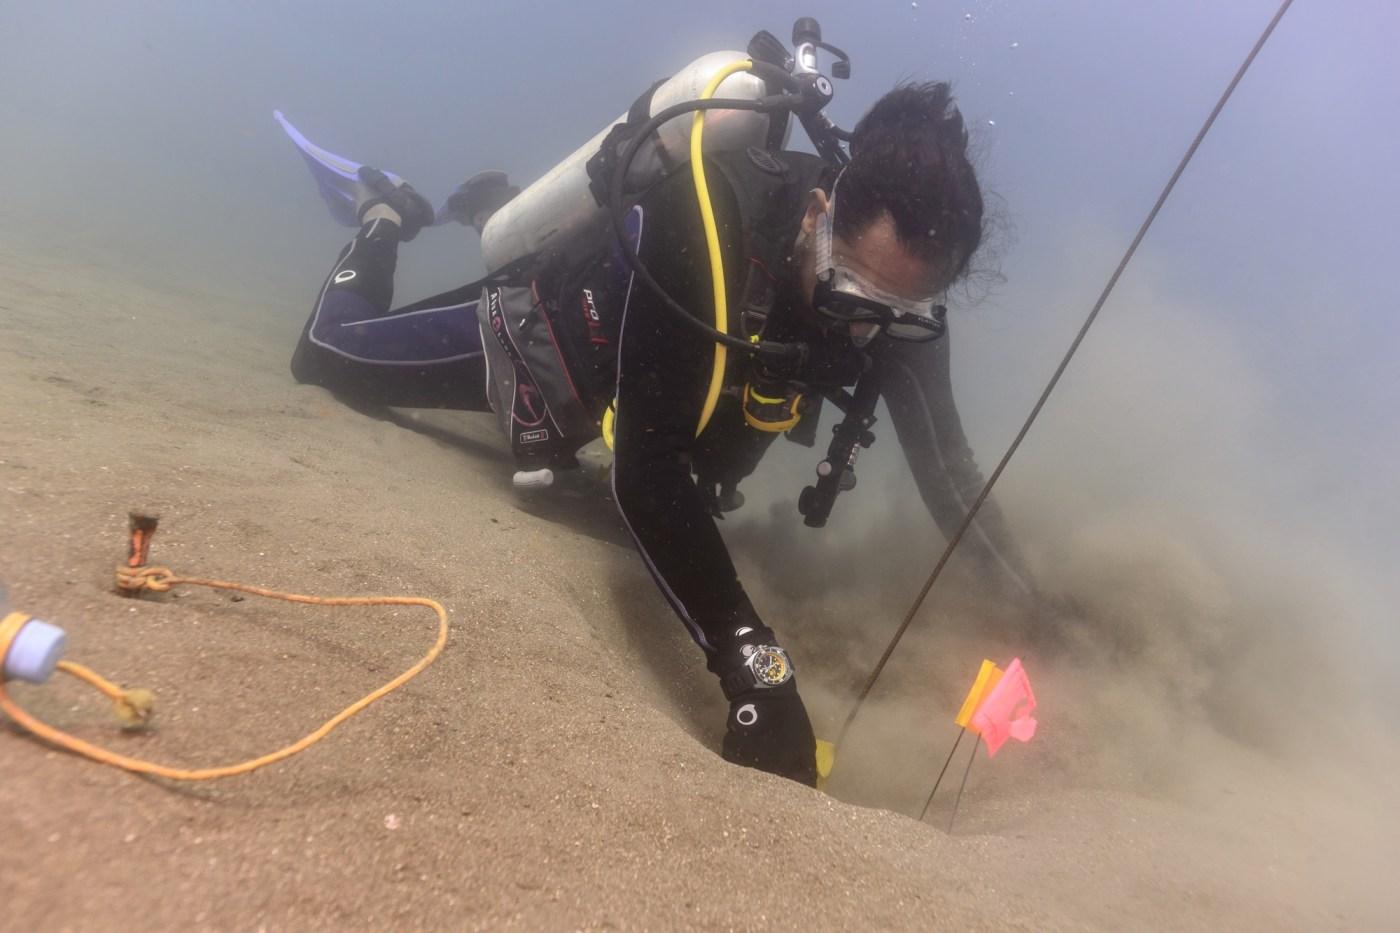 Aquadive Poseidon GMT underwater